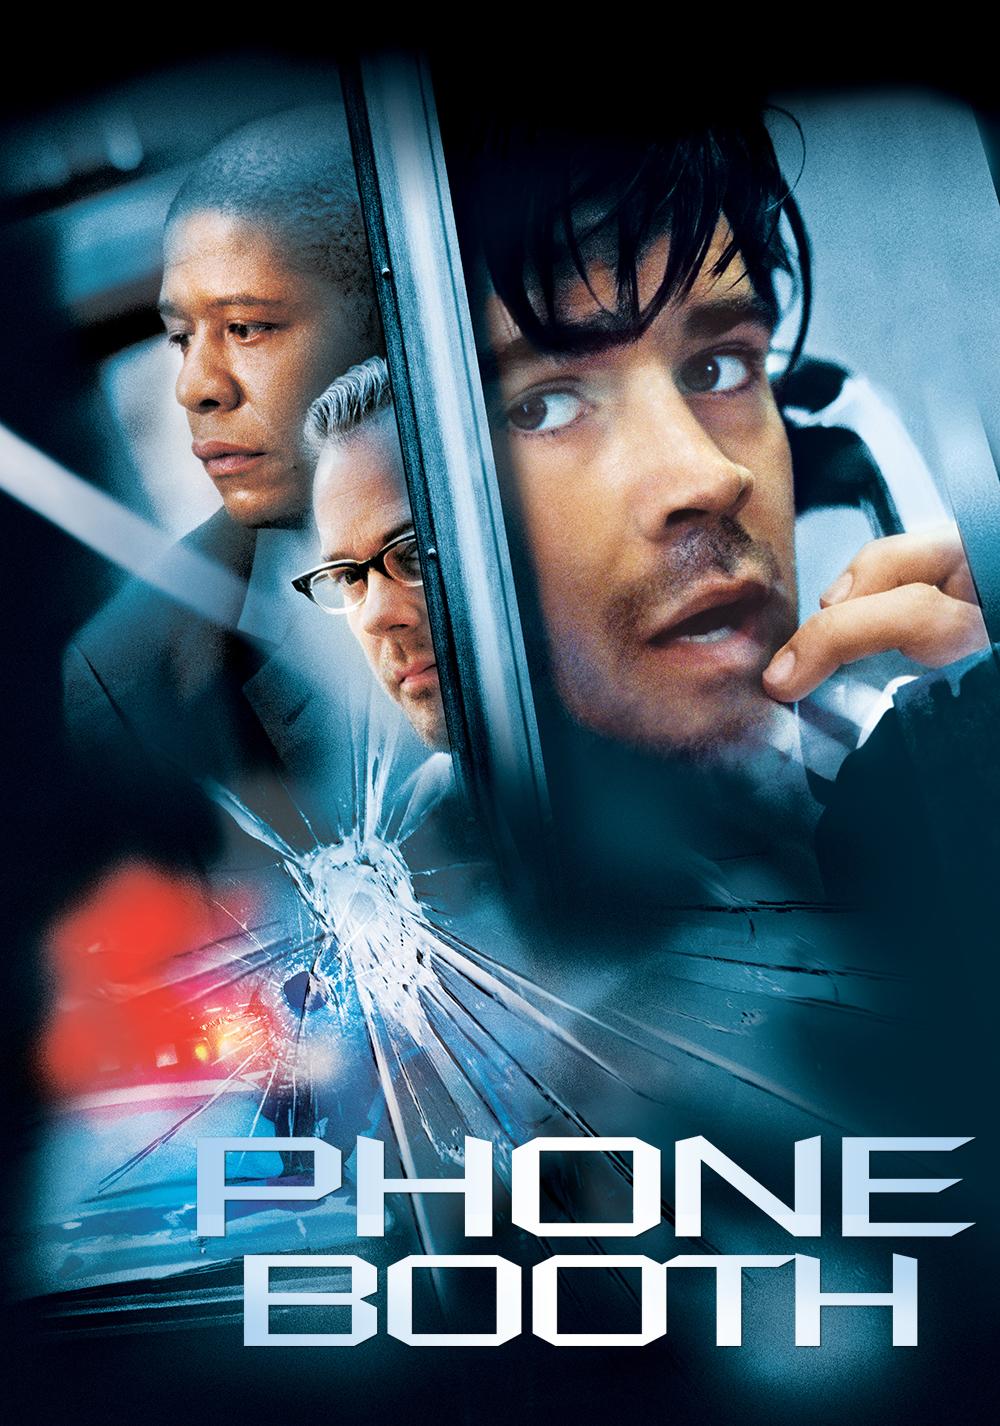 Film sniper terbaru adalah Phone Booth (2002)